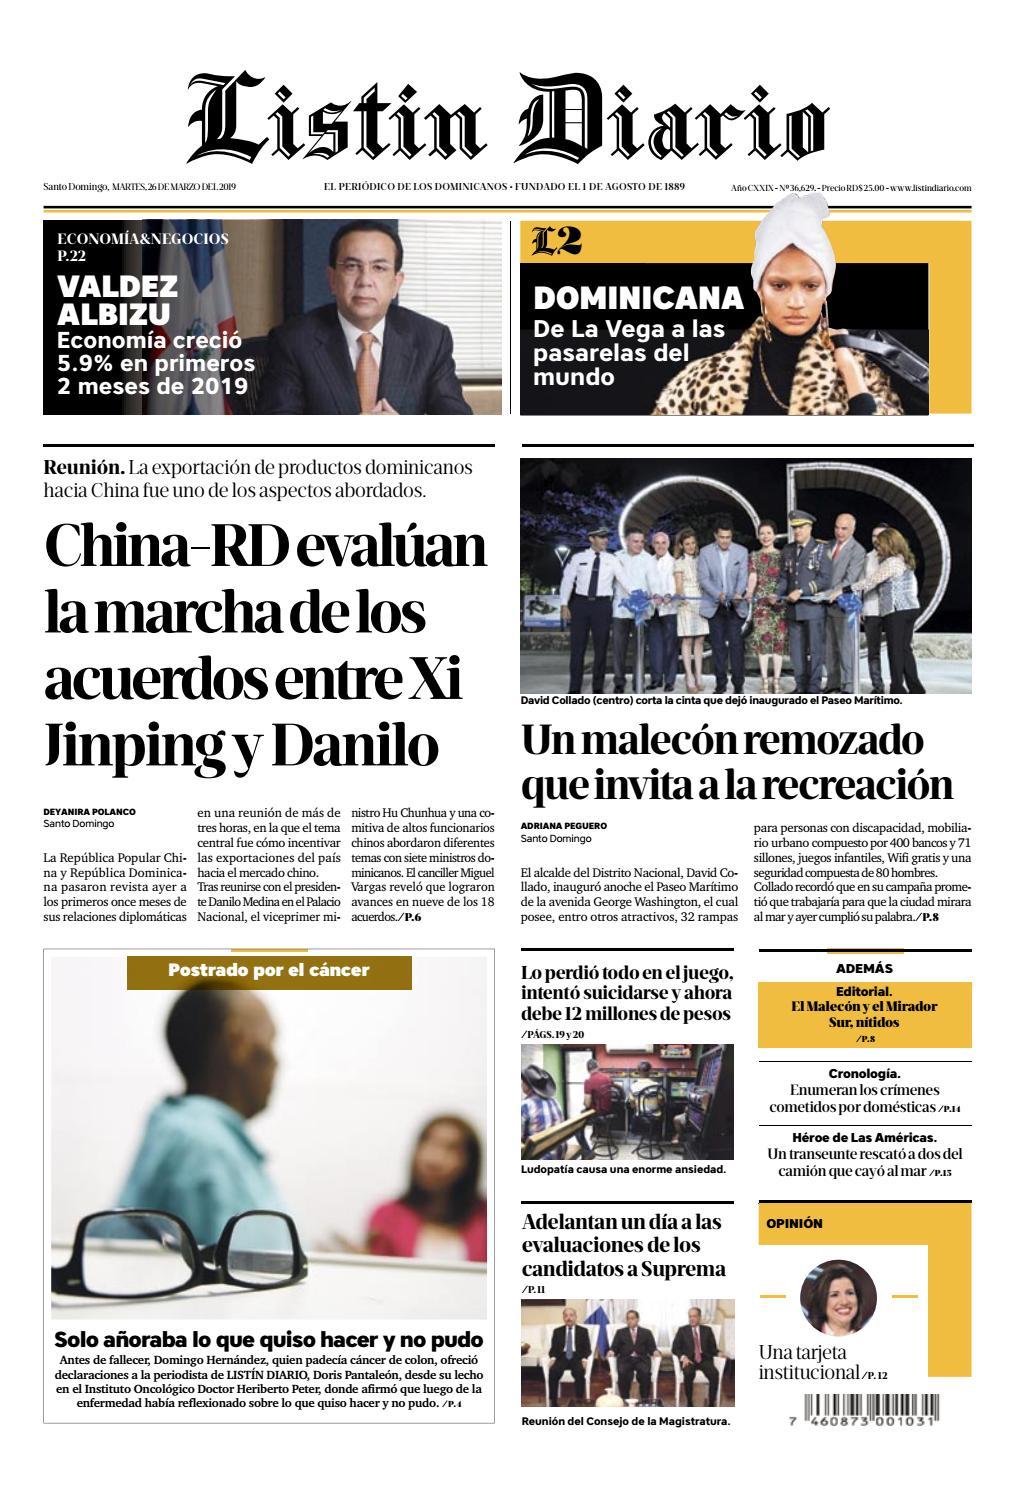 Nini Actriz China Porno ld 26-03-2019listín diario - issuu